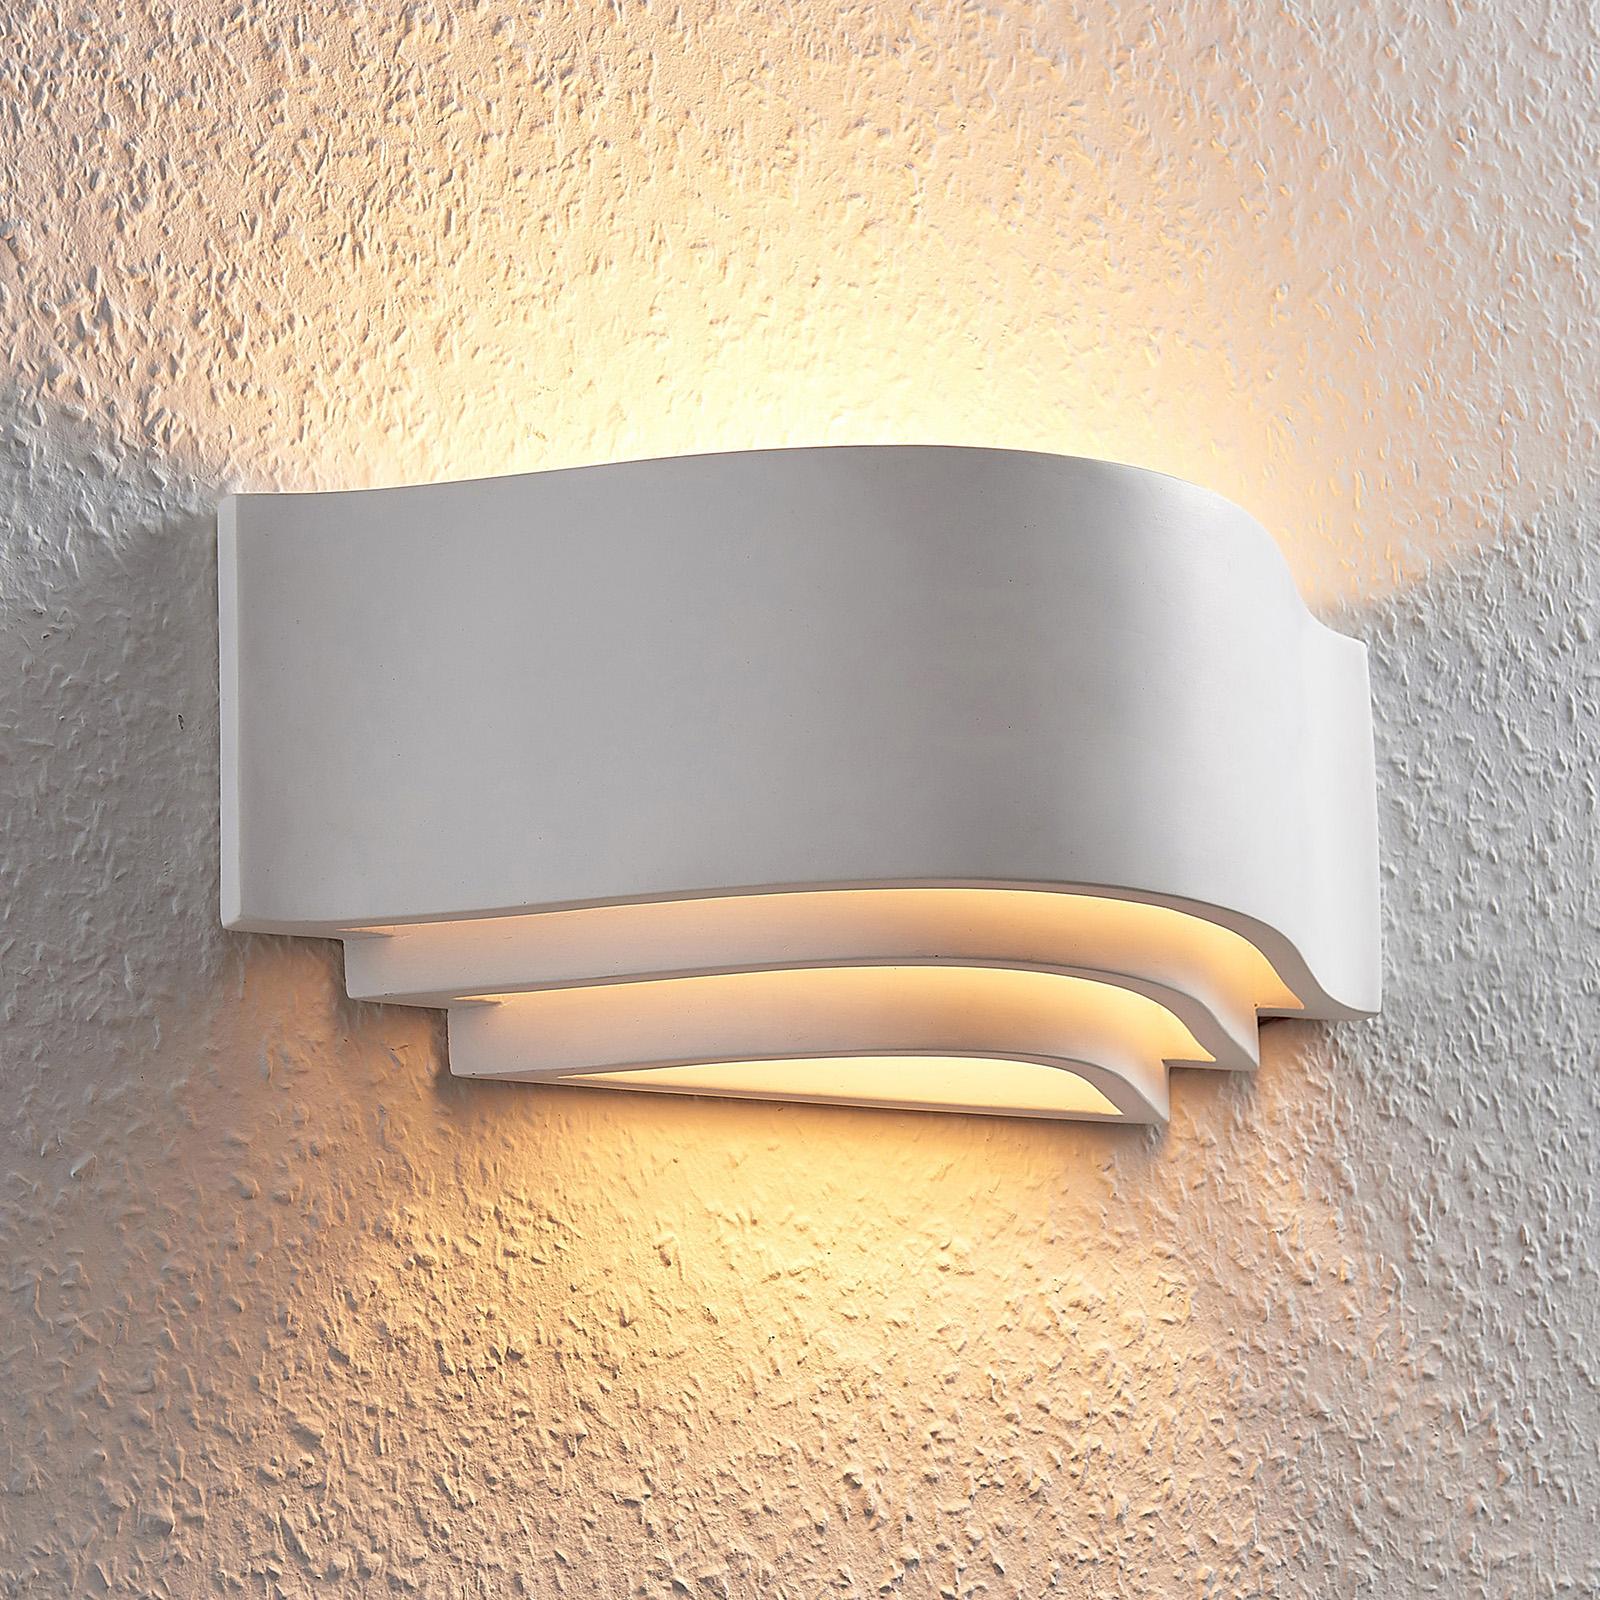 Gips wandlamp Amran, wit drievoudig